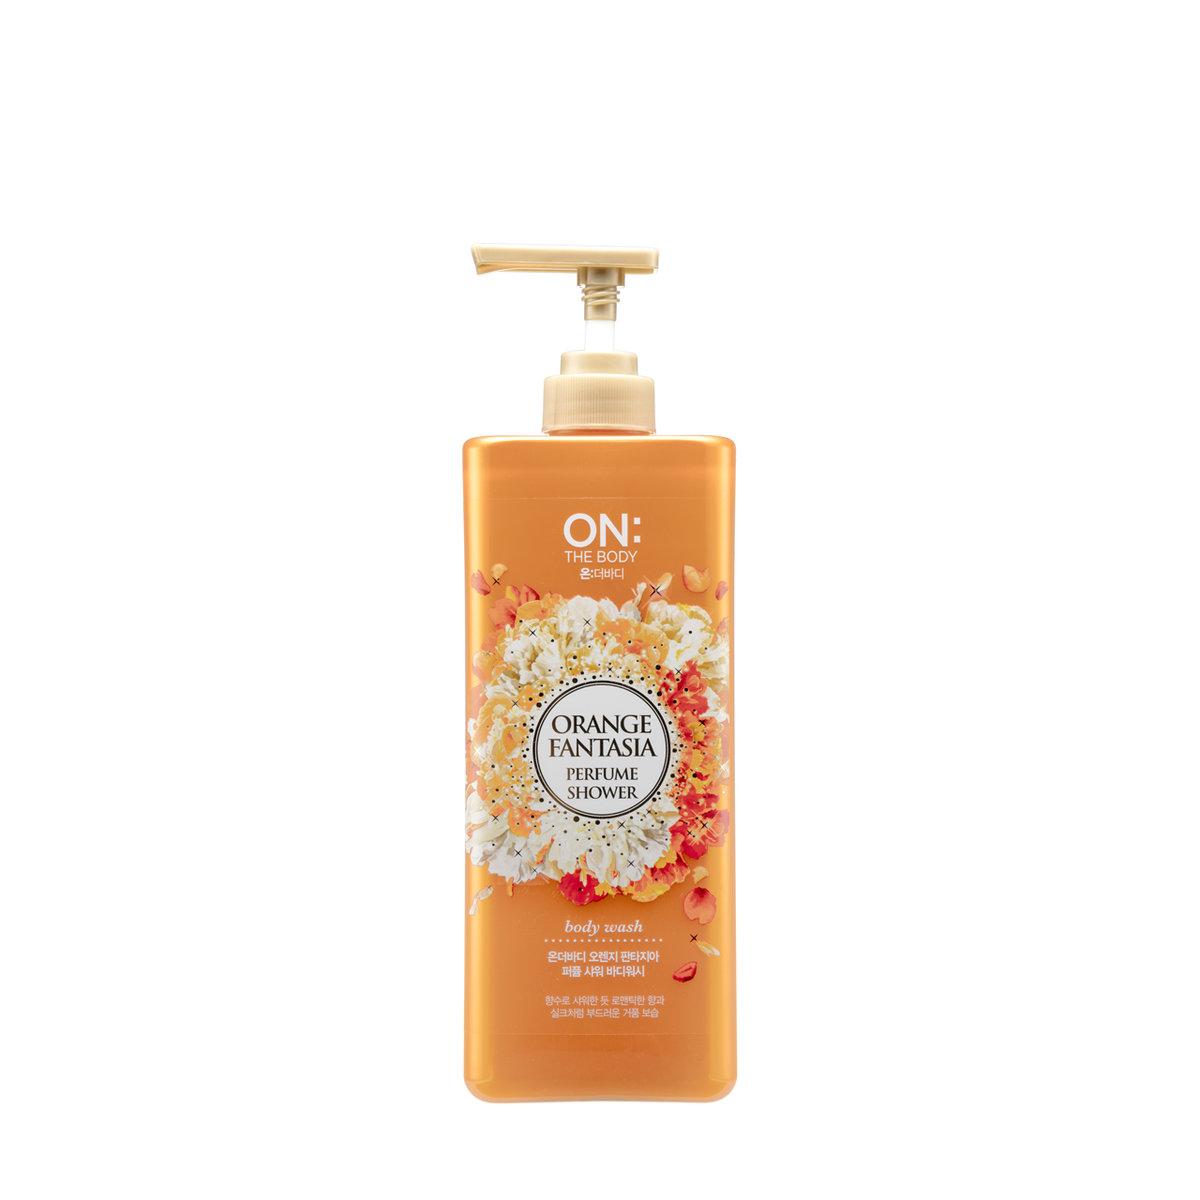 橙色狂想曲香水沐浴露 (900克)